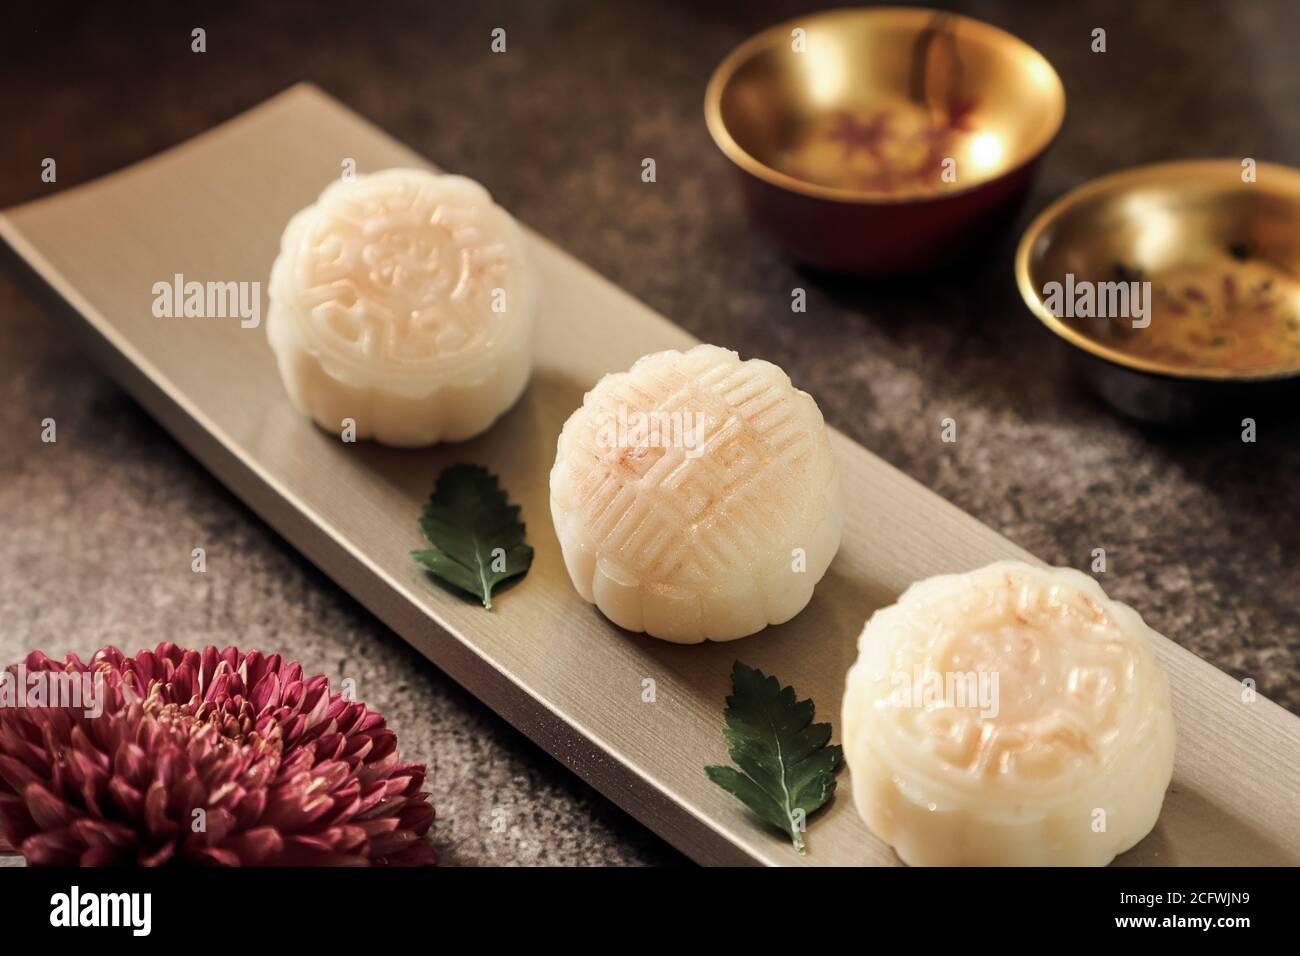 Snowskin o Crystal Skin Mooncake. La nueva variante de la torta de luna para el Festival de mediados de Otoño. Foto de stock